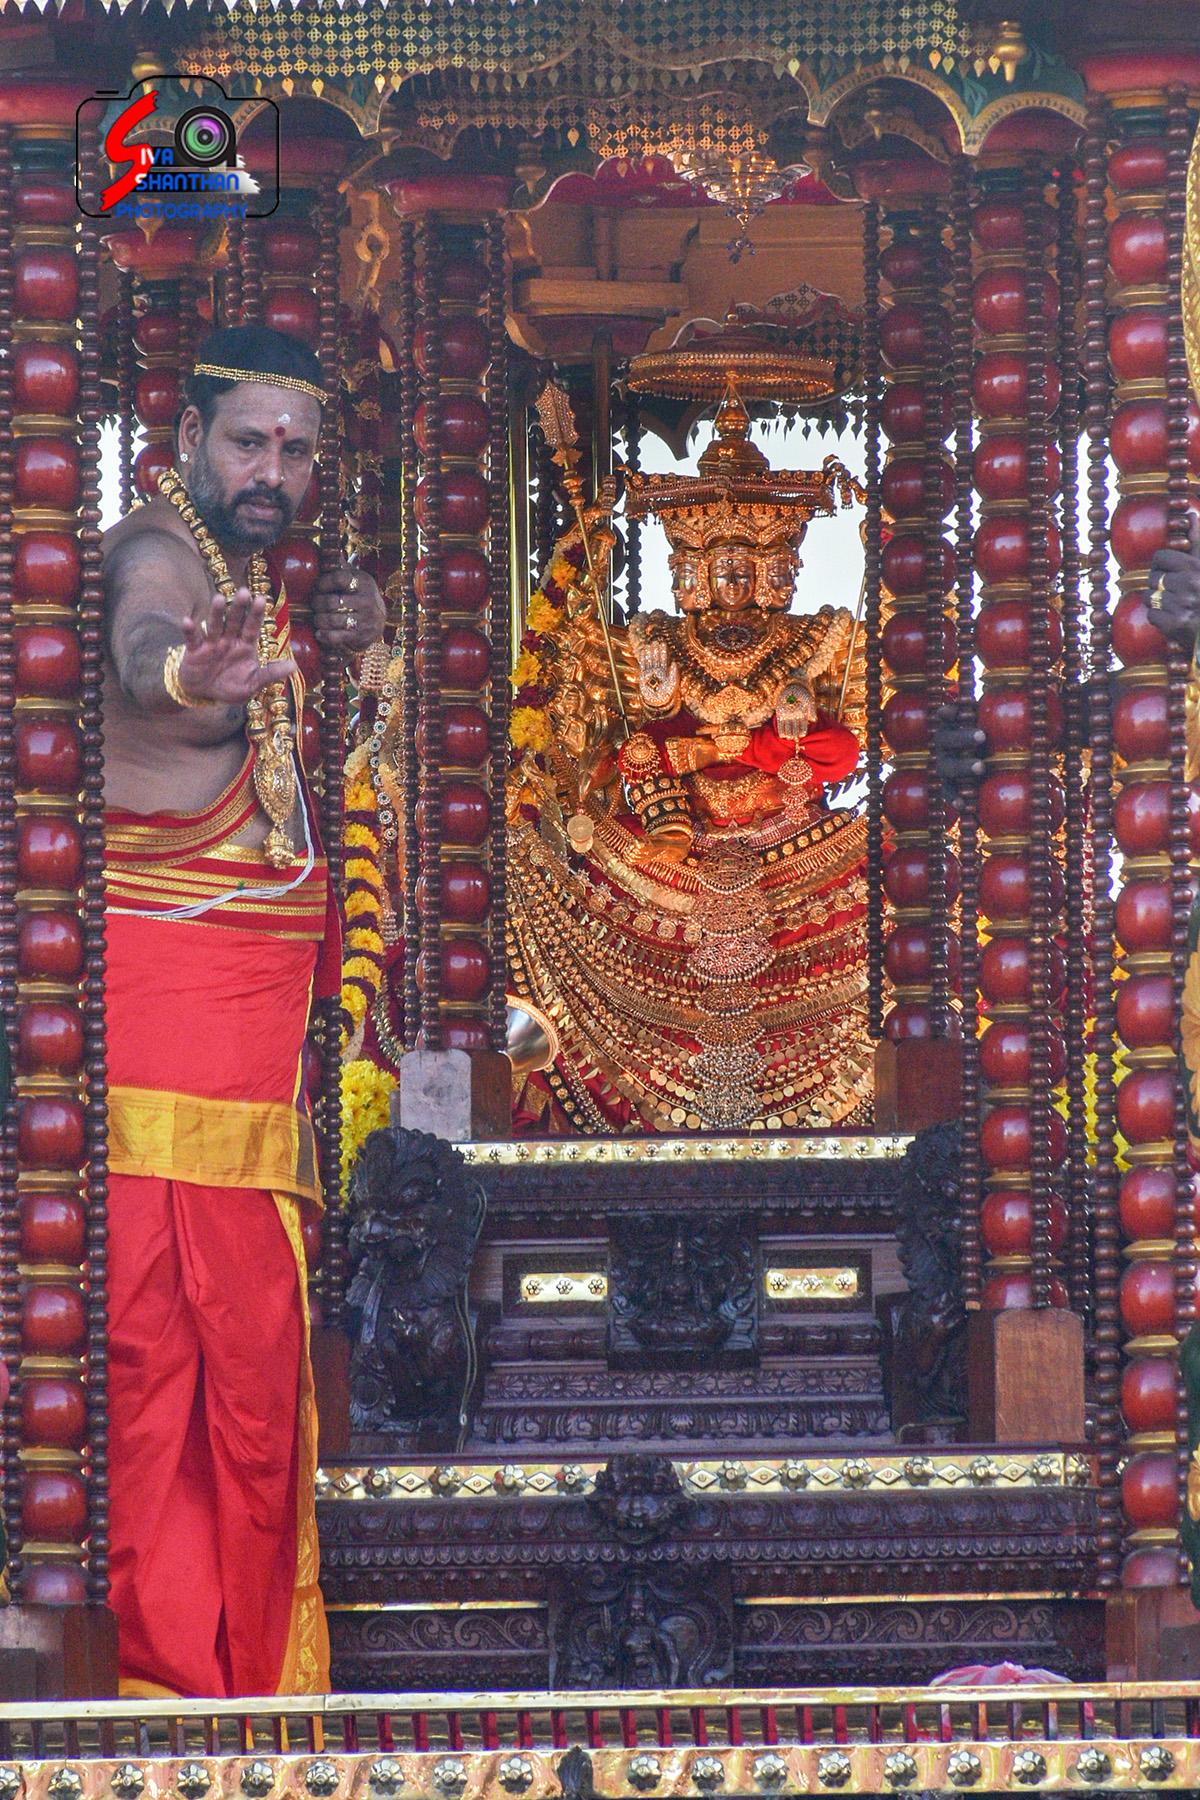 யாழ்ப்பாணம் – நல்லூர் கந்தசுவாமி கோவில் தேர்த்திருவிழா - படங்கள் மற்றும் வீடியோ 10